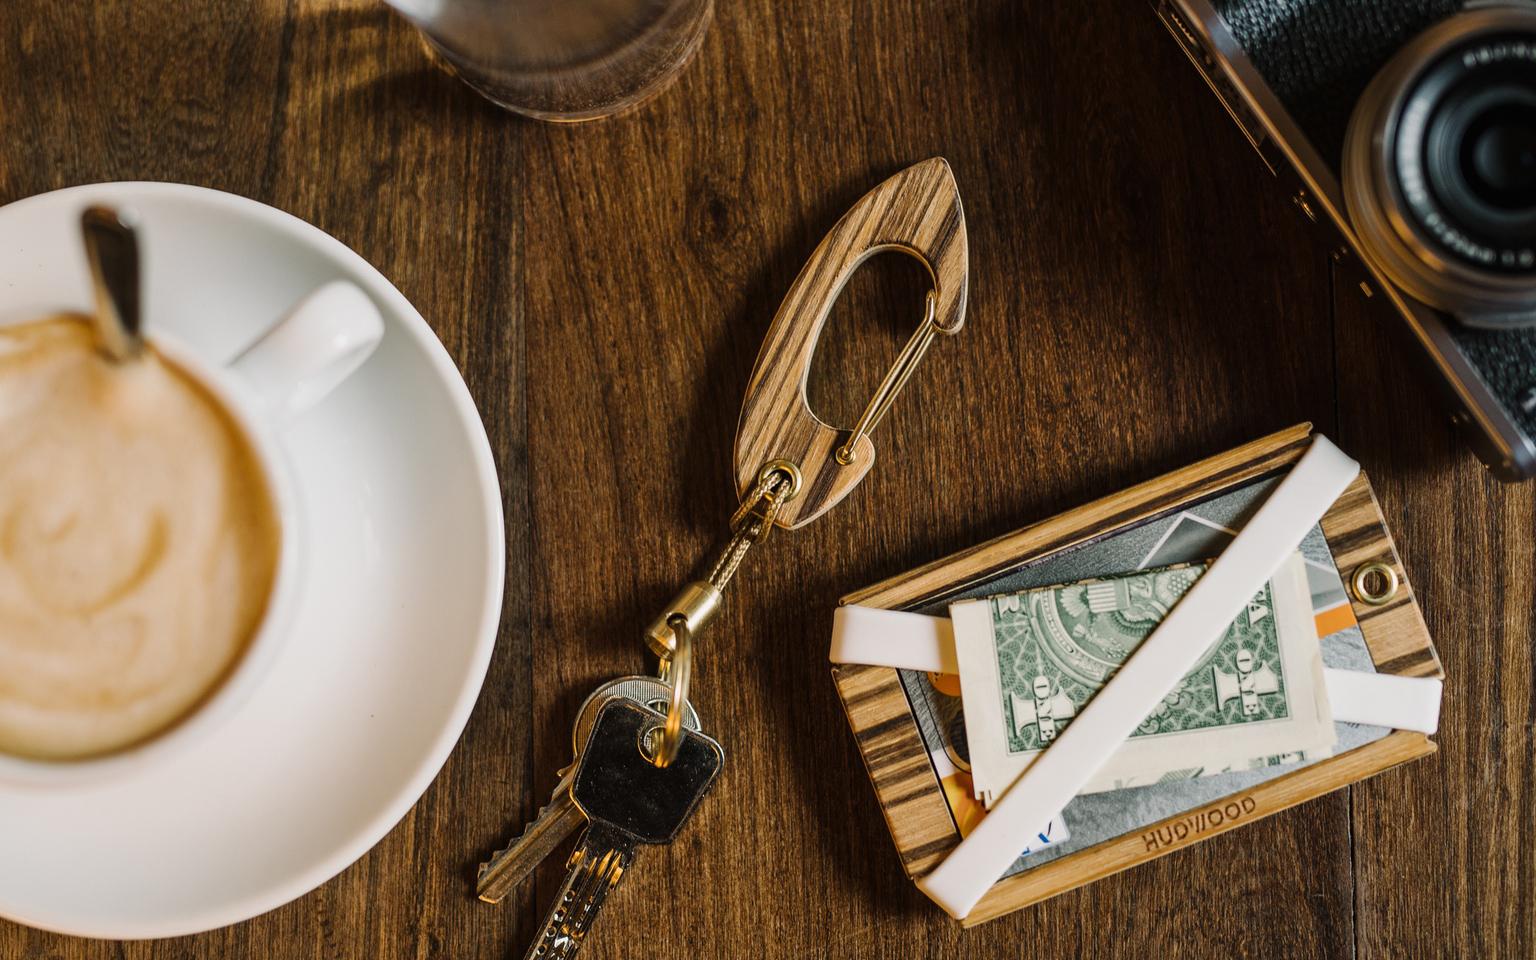 Hudwood Wooden Carabiner and Wallet